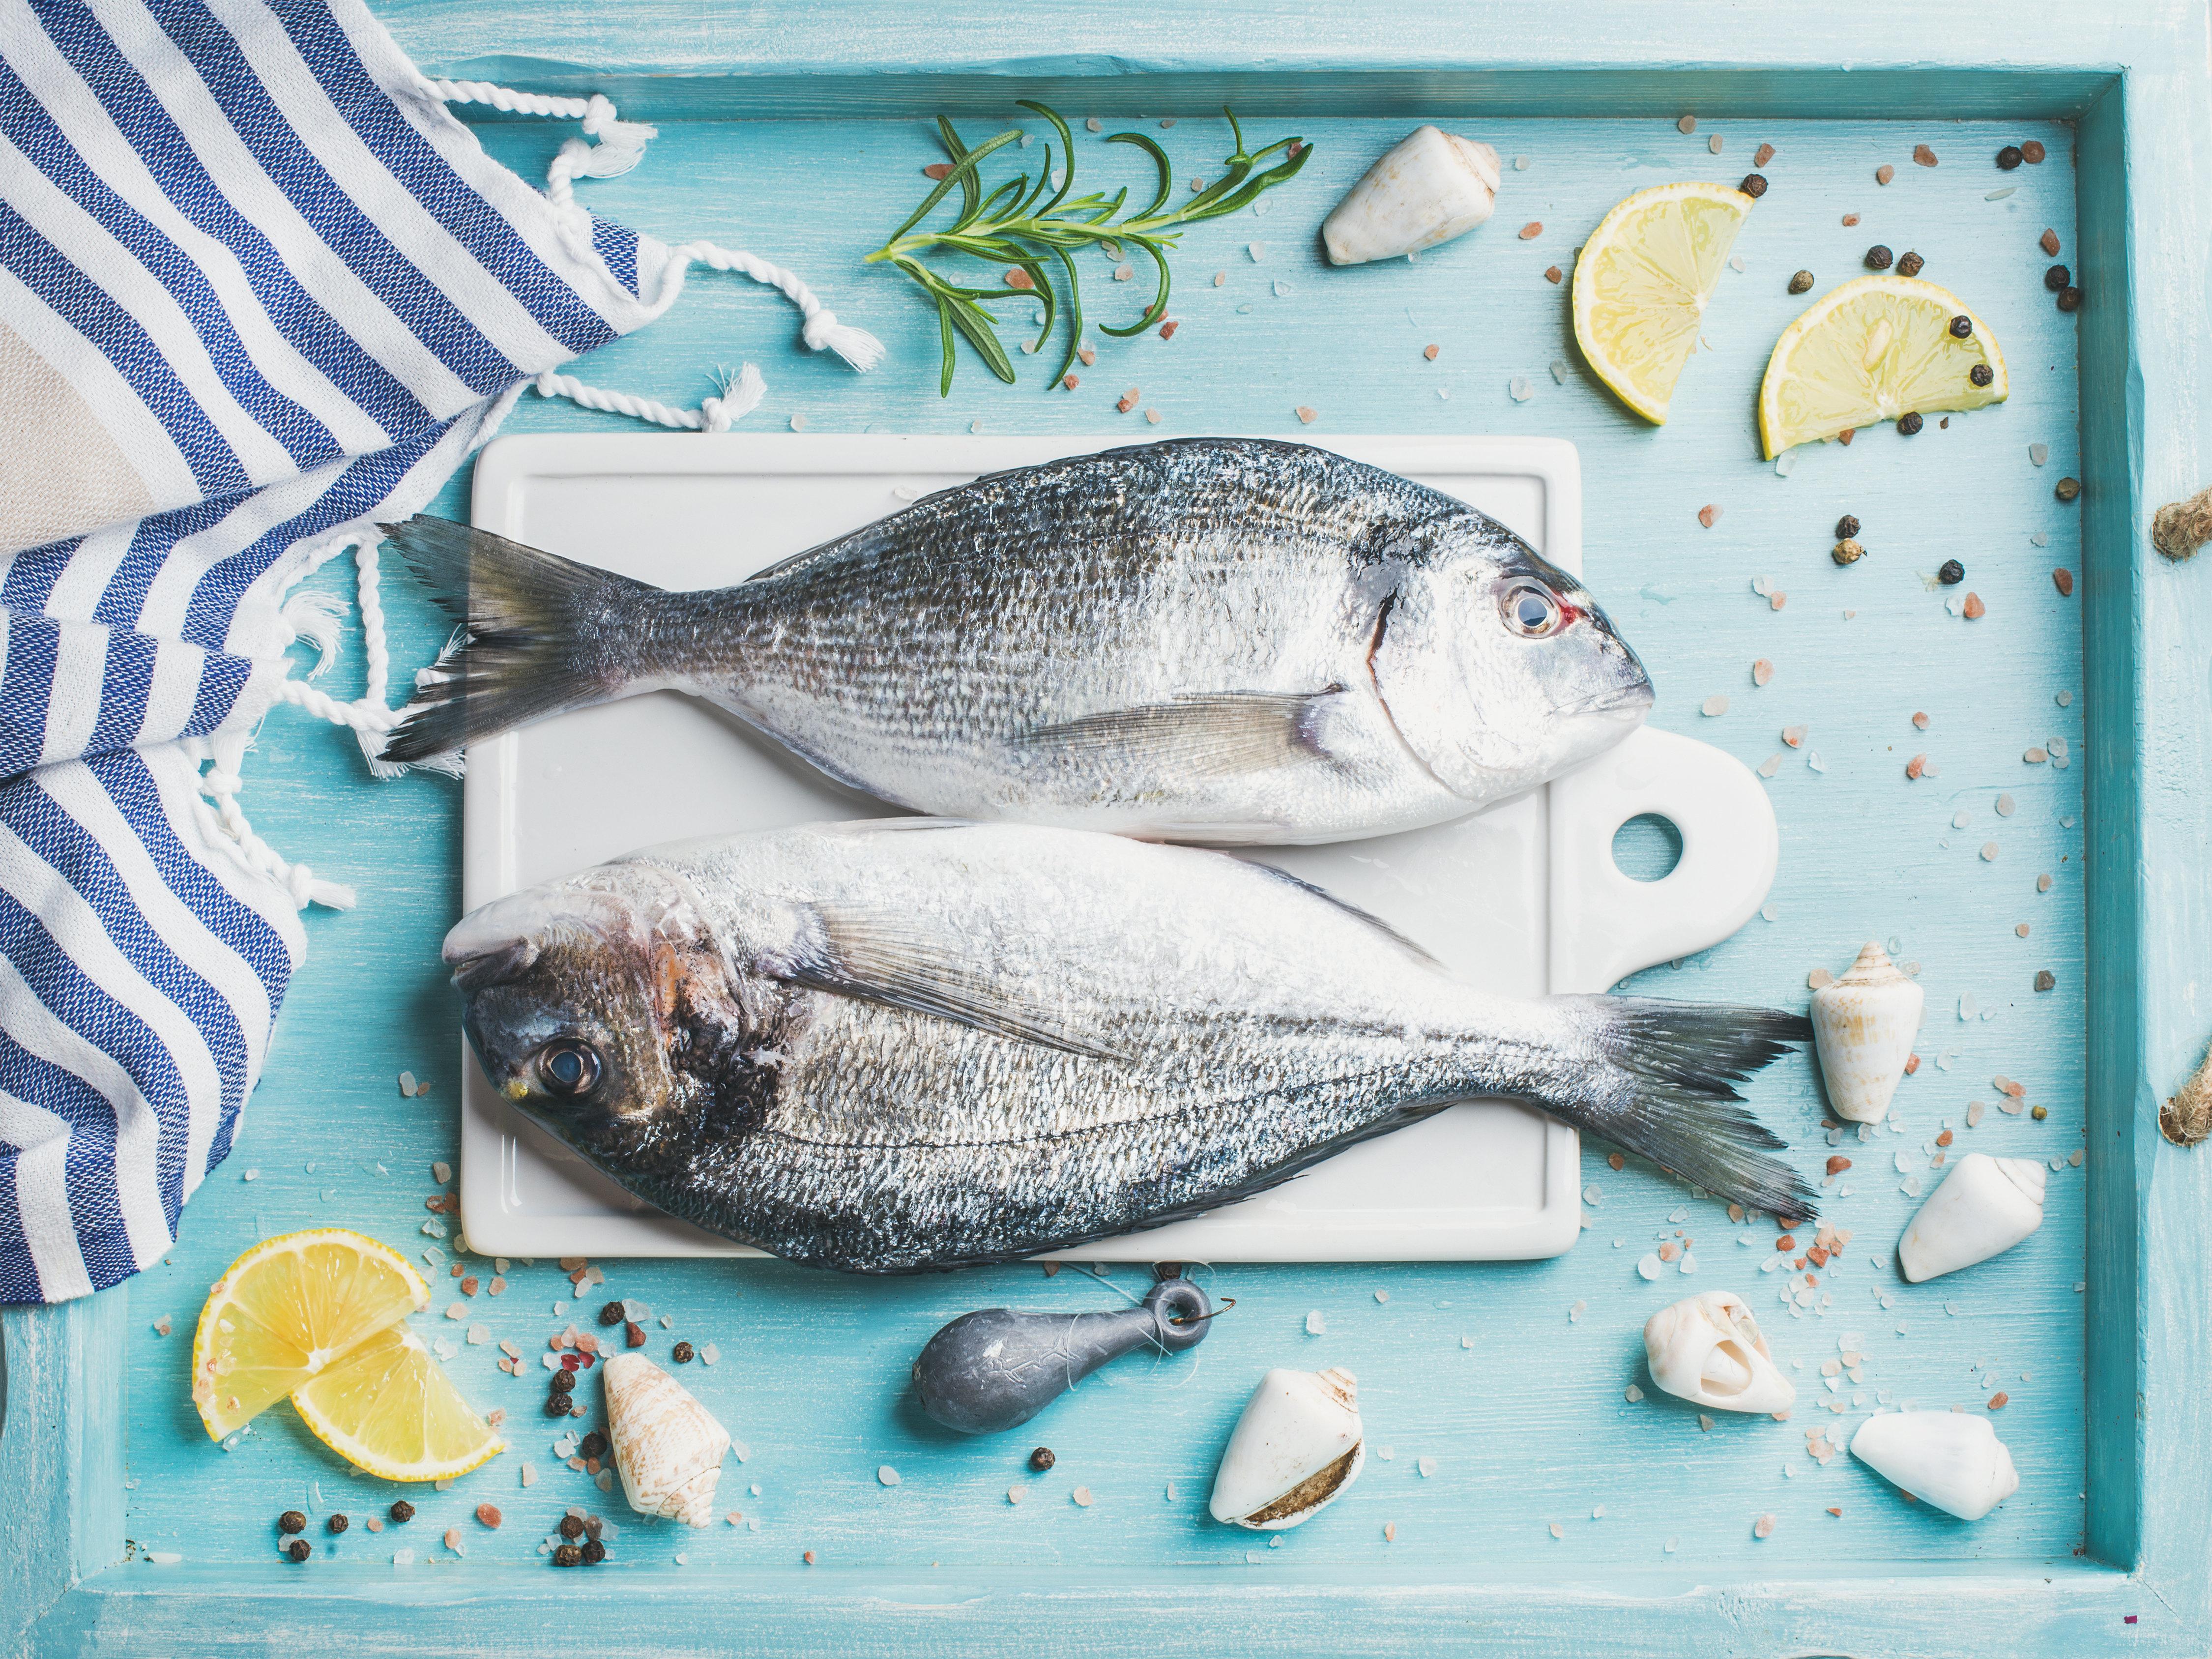 Καλοφαγάδες οι αρχαίοι Έλληνες: Ποια ψάρια προτιμούσαν και οι αστρονομικές τιμές που τα αγόραζαν